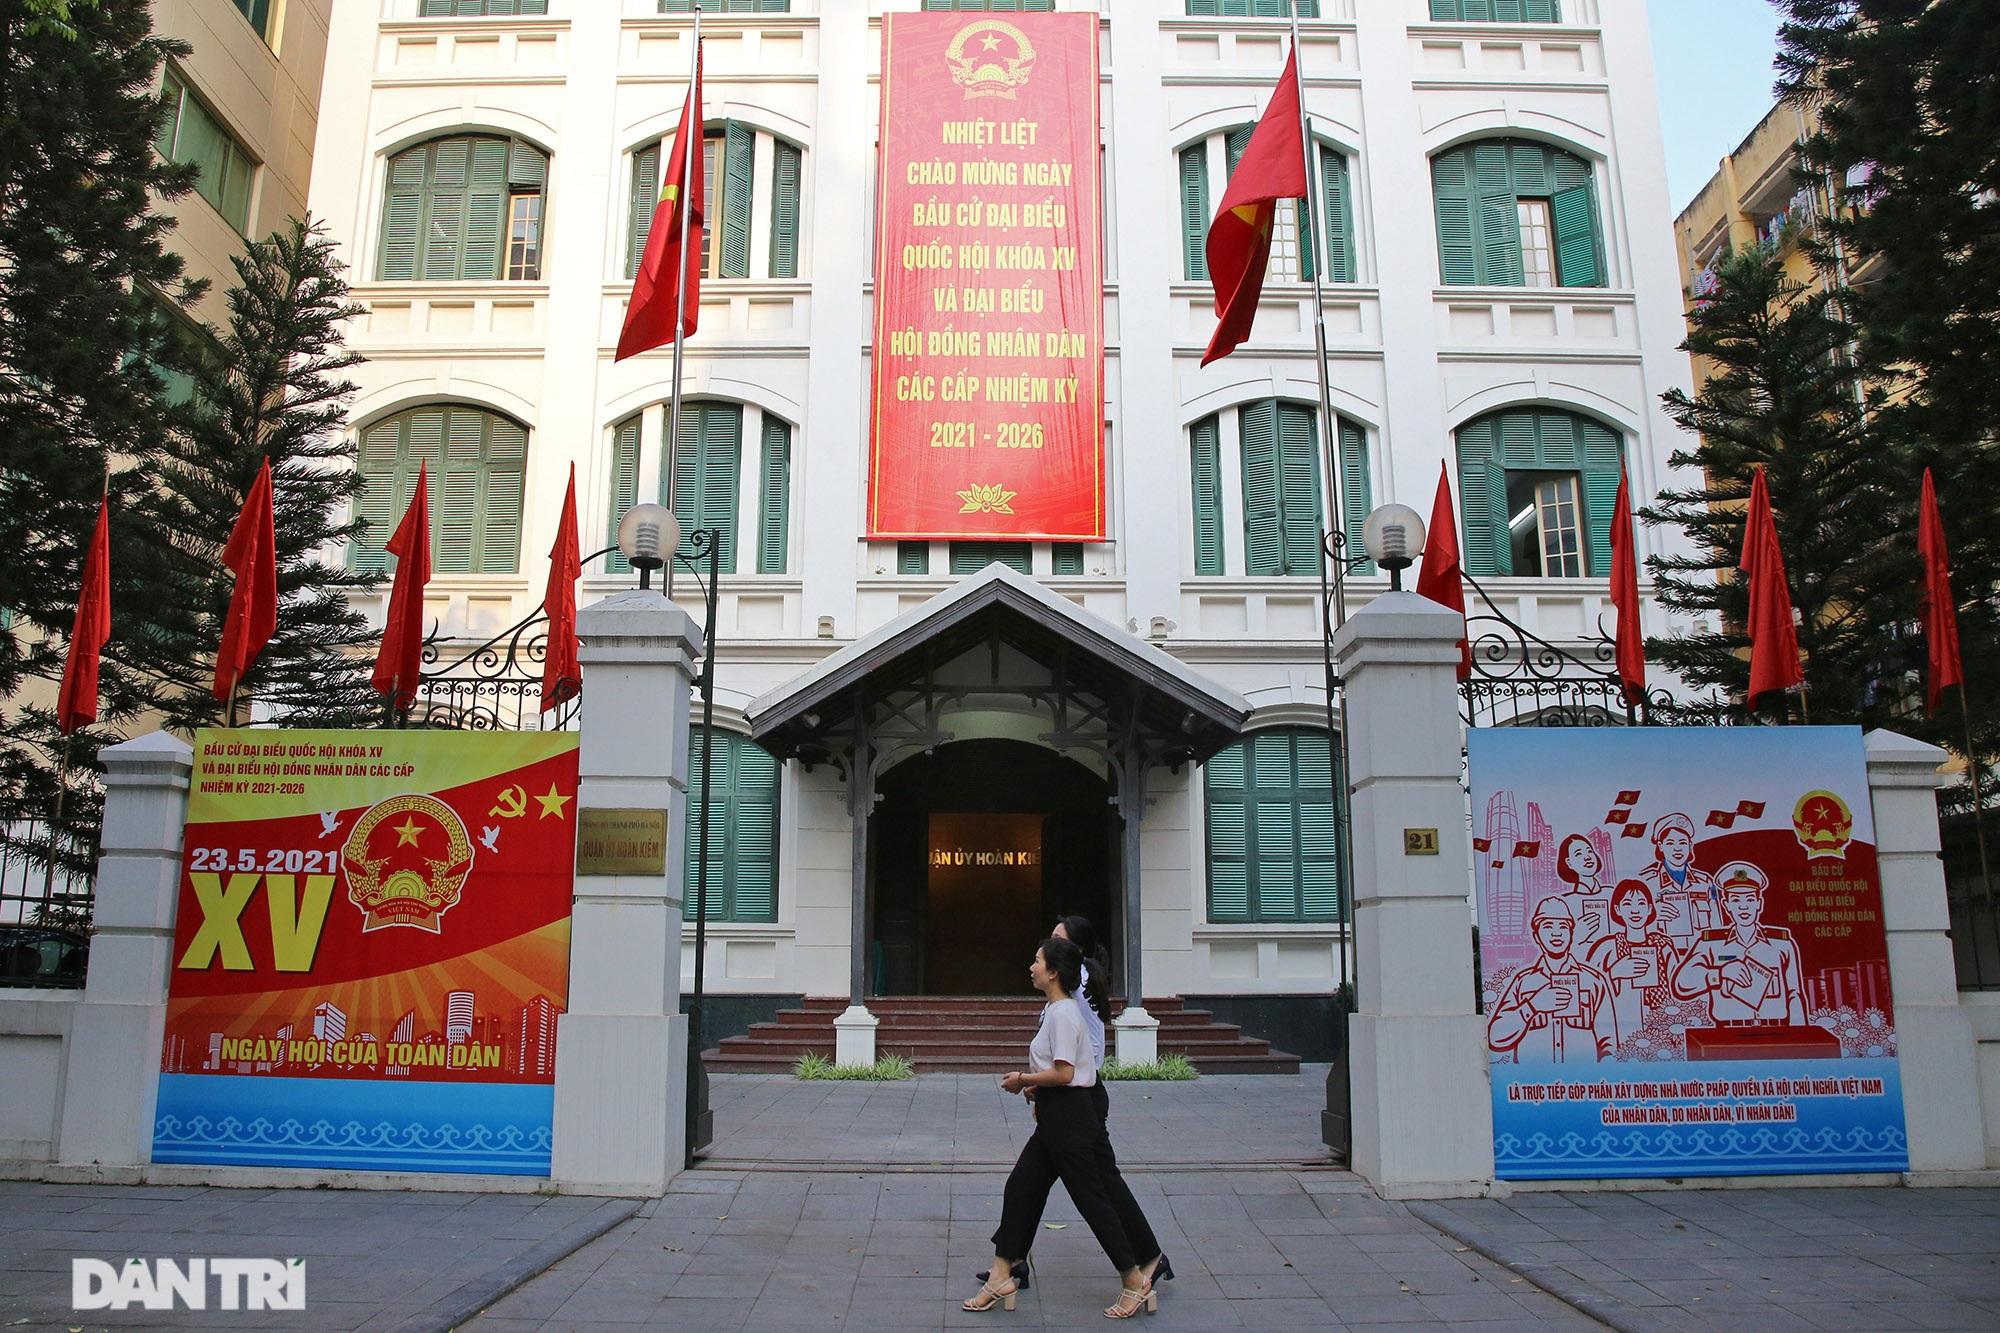 Hà Nội trang trí đường phố chào mừng cuộc bầu cử Đại biểu Quốc hội khóa XV - 2